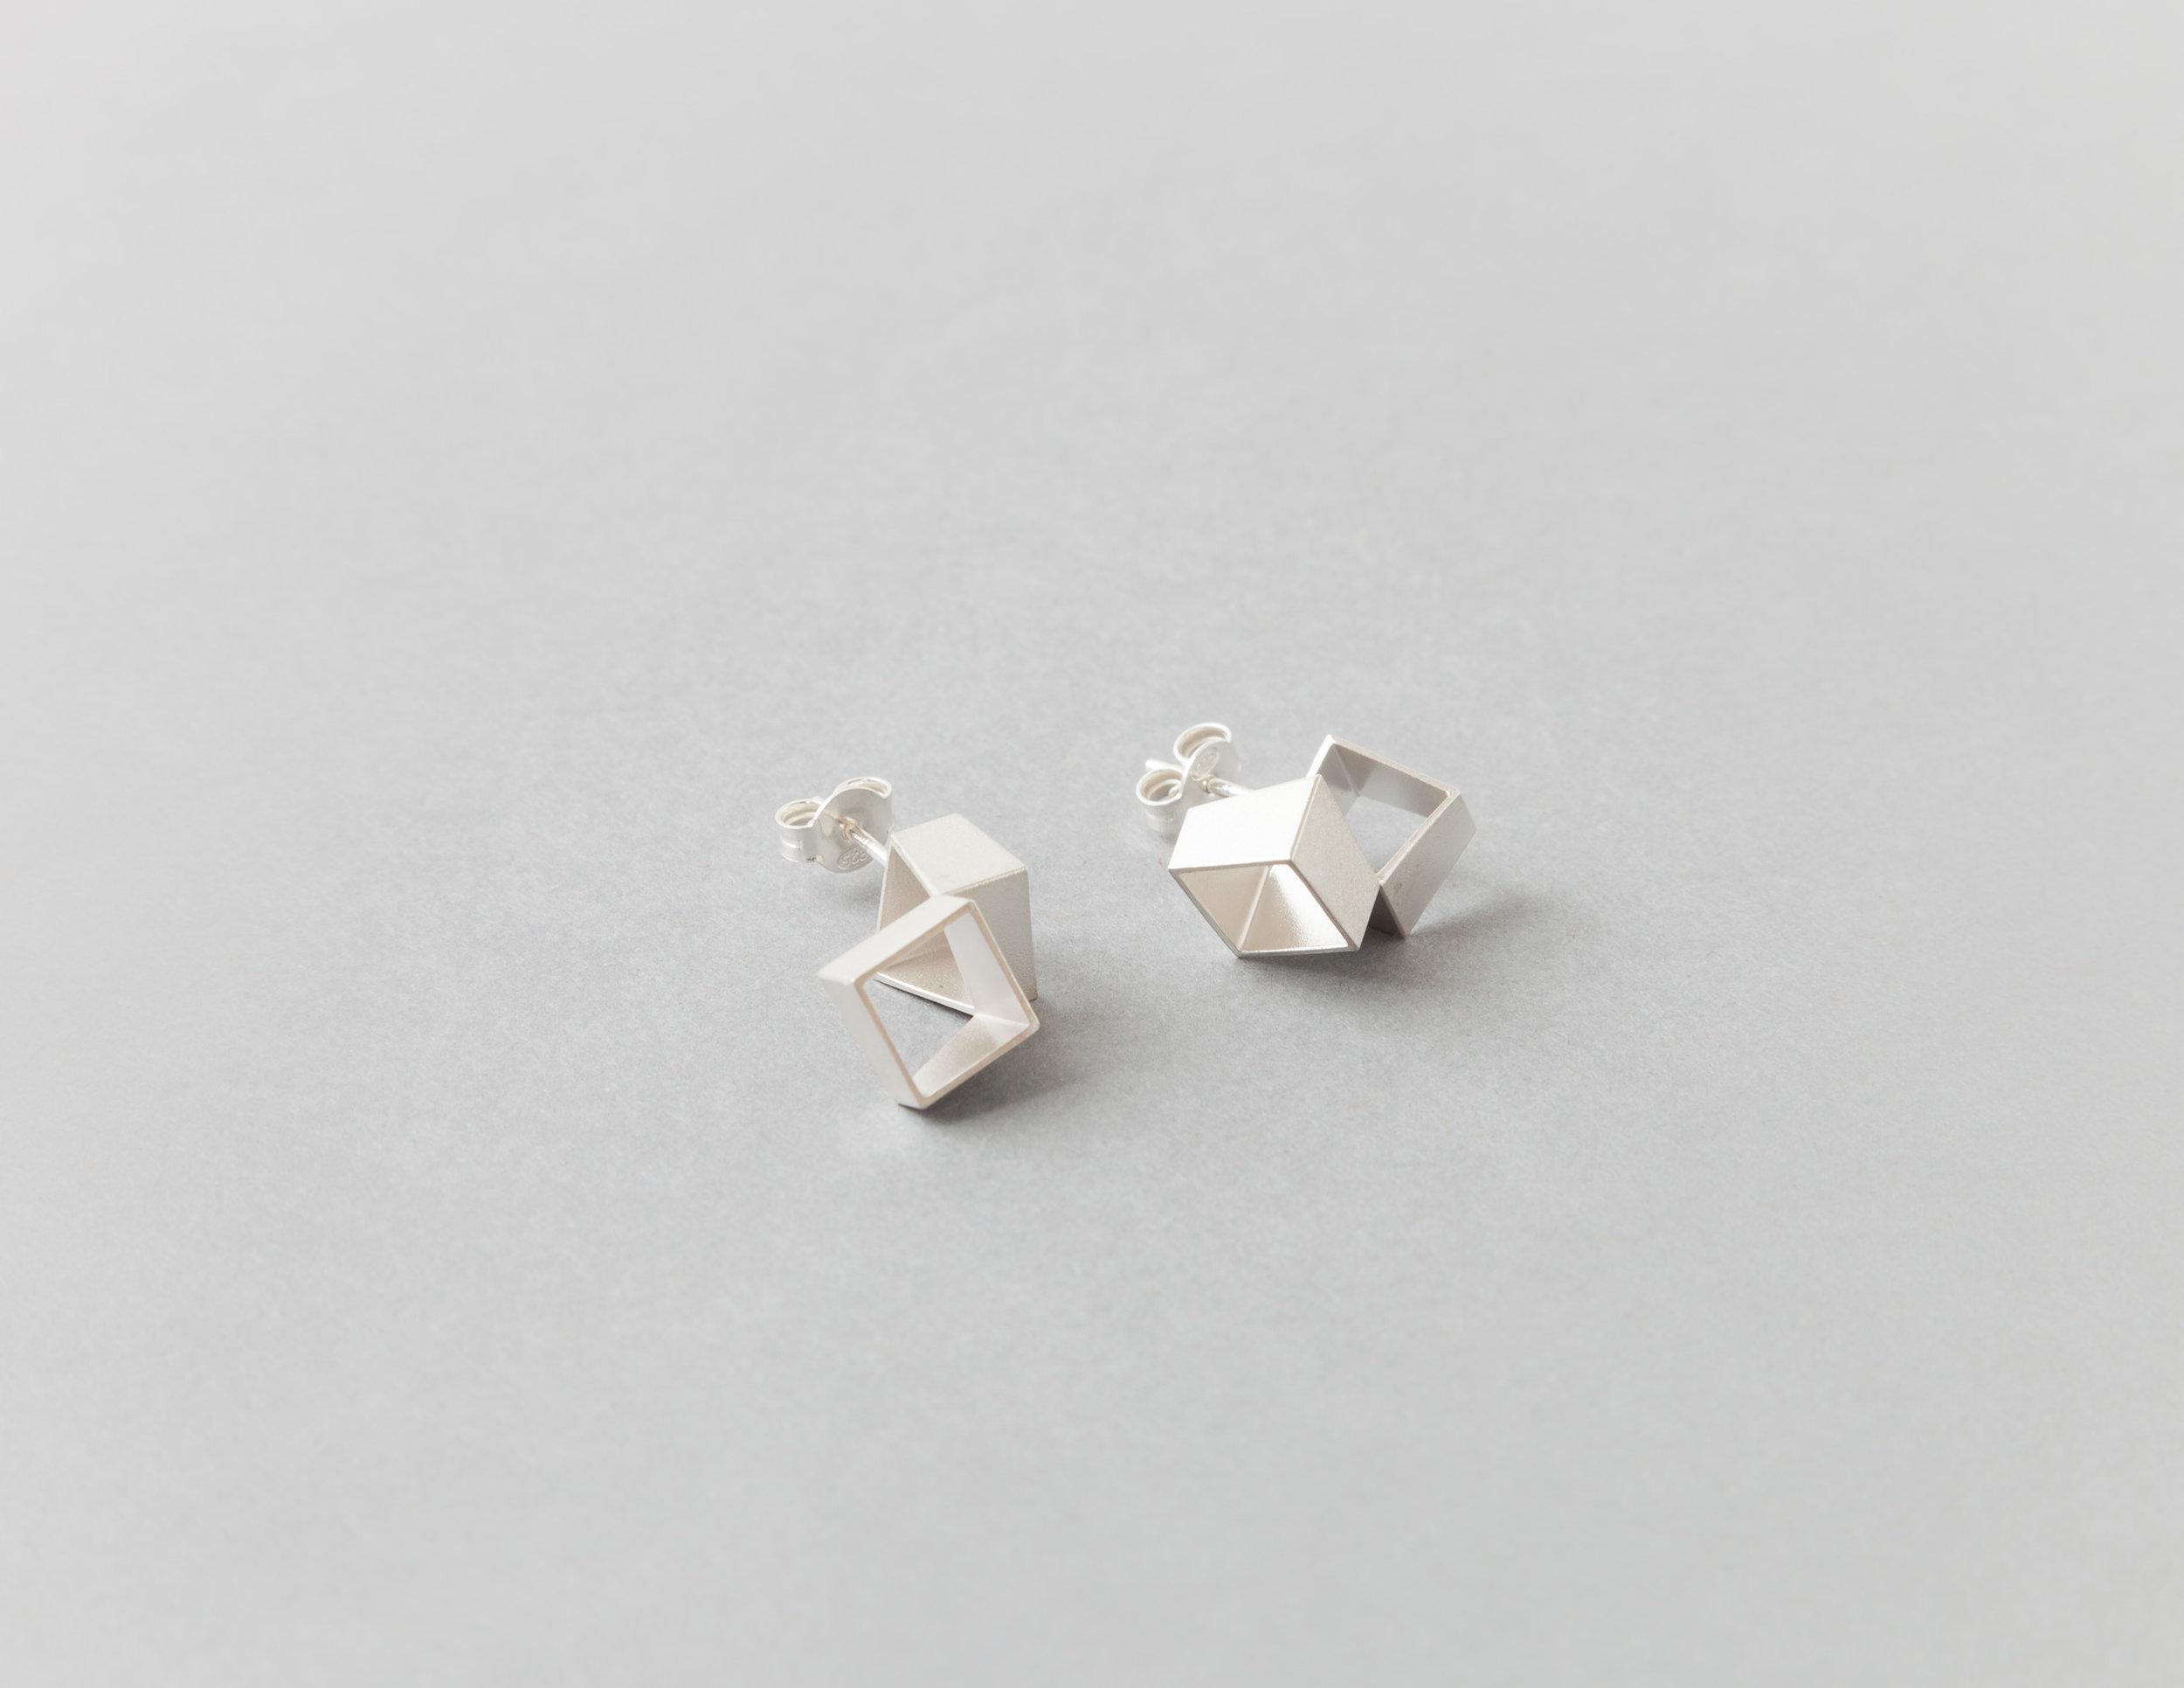 Alma Sophia Design - 8x8 studs silver.jpg